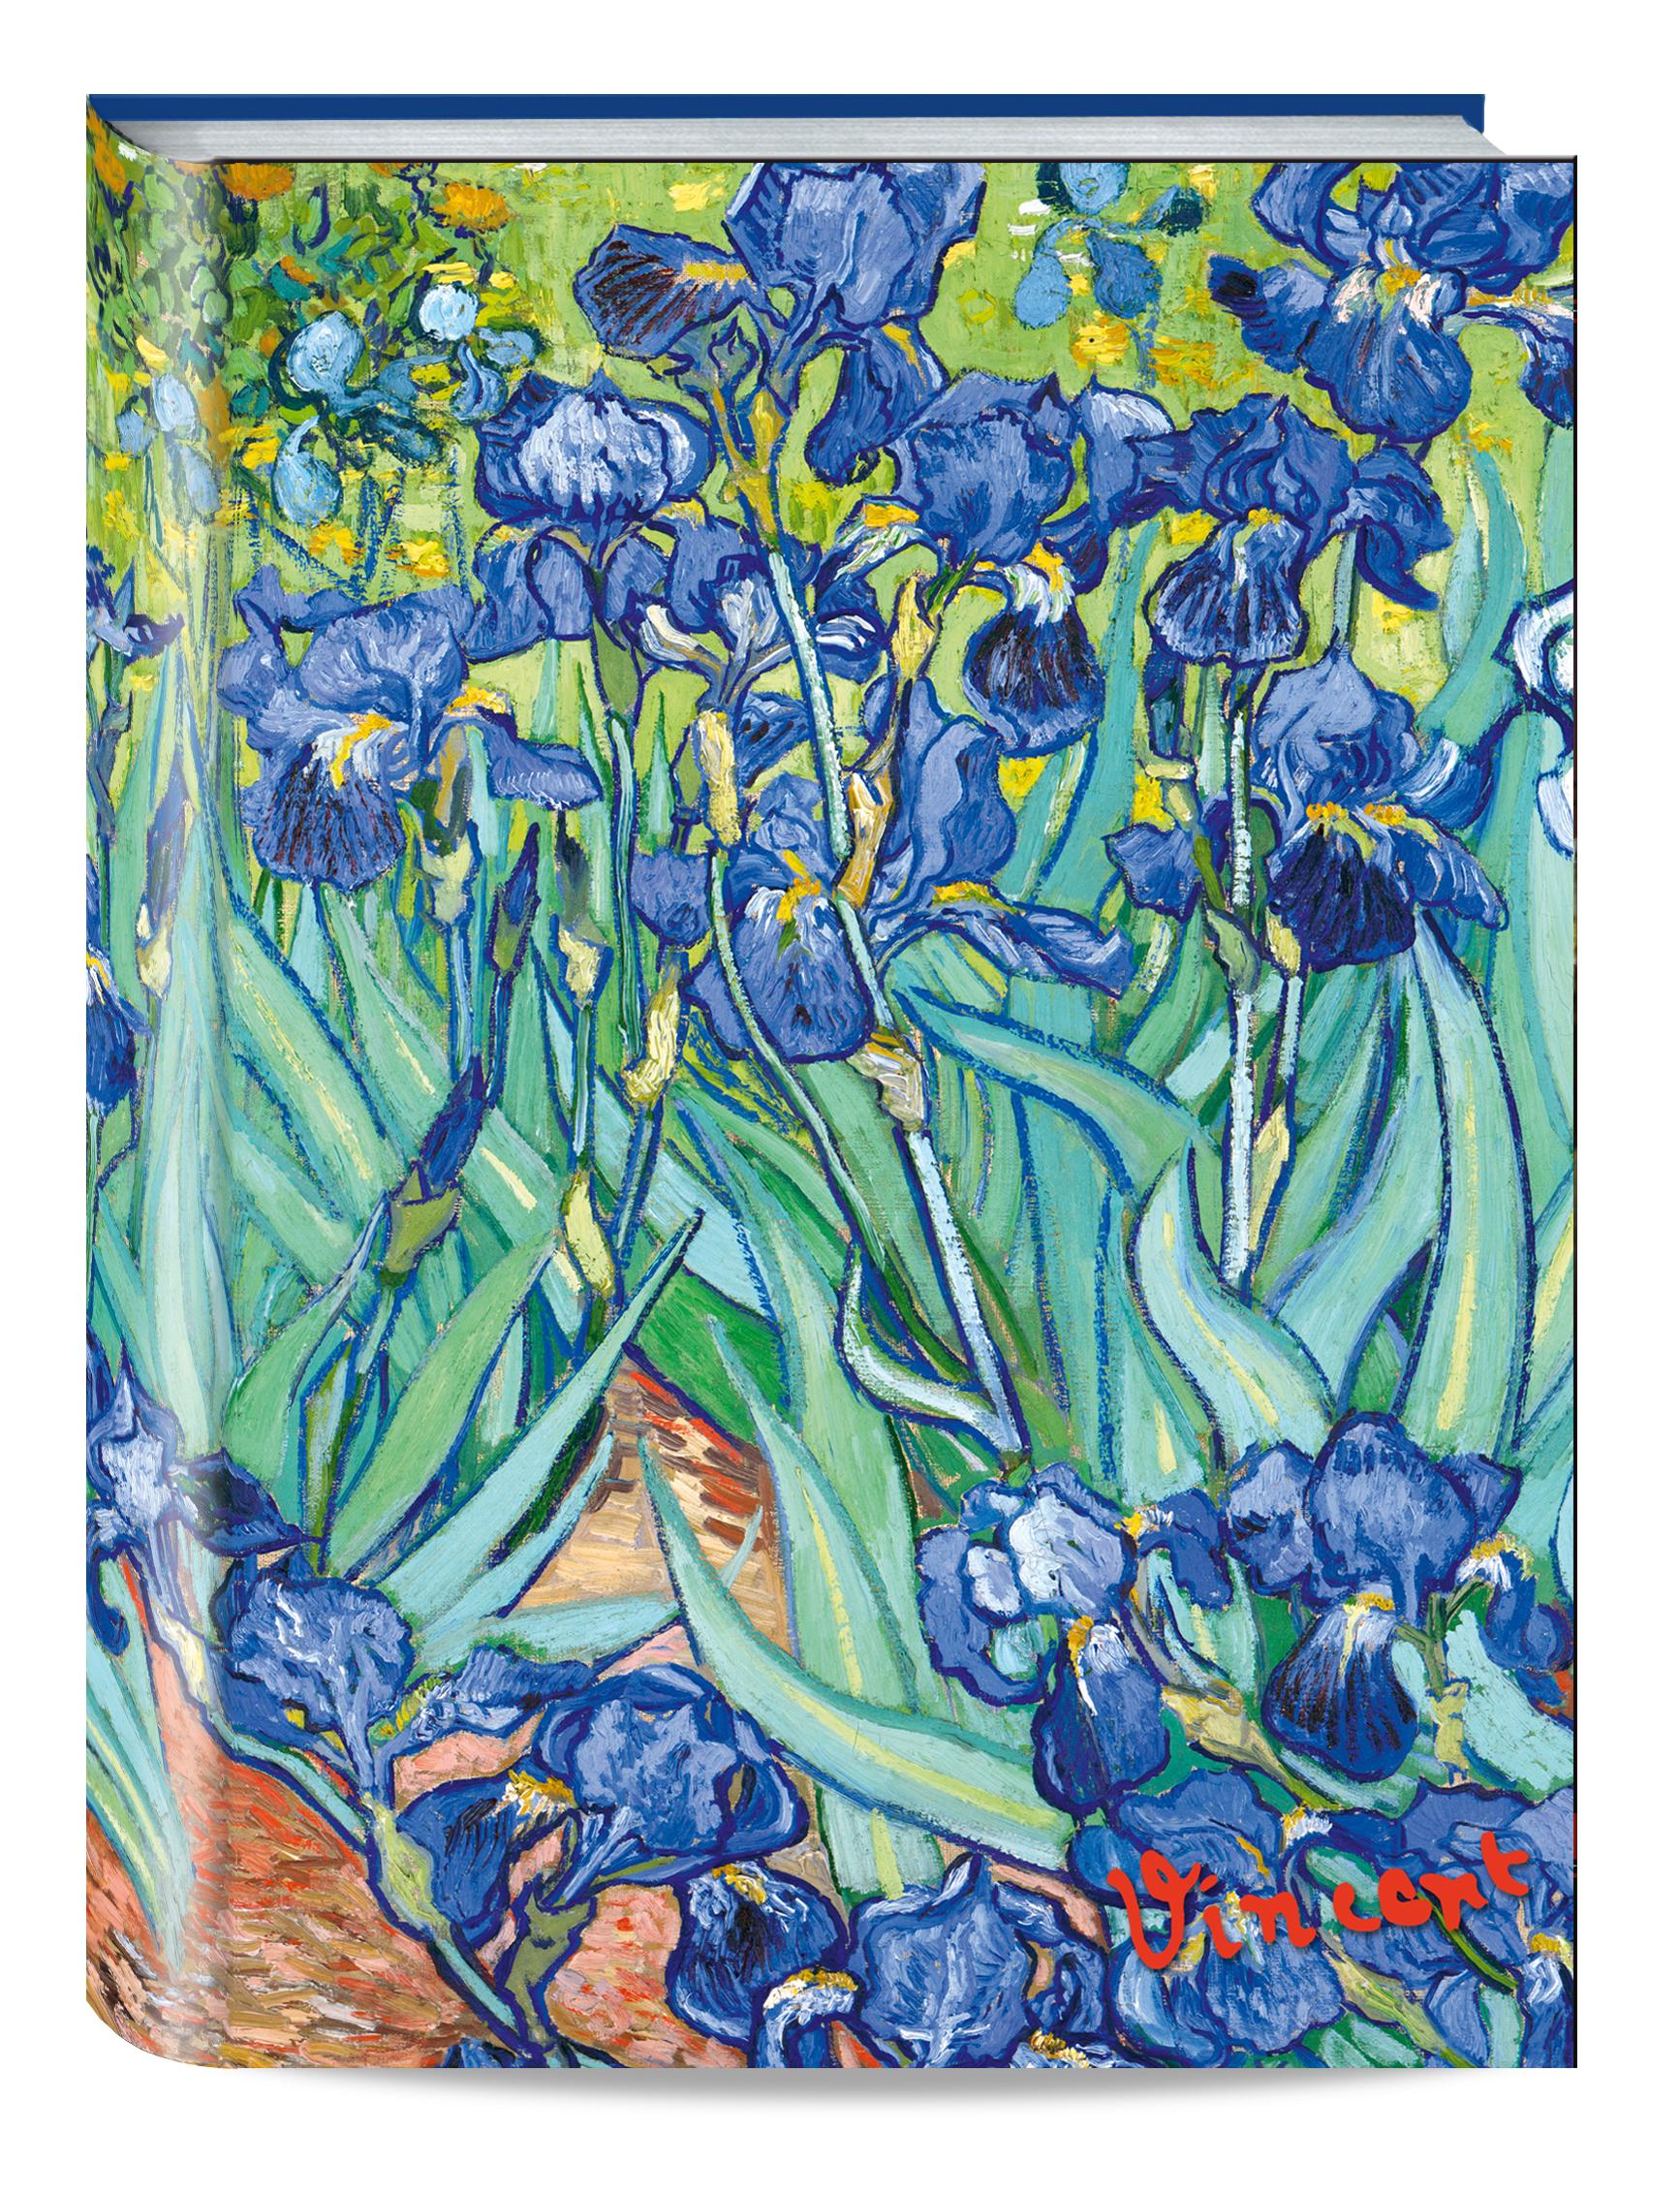 Обложка пластиковая универсальная. Ван Гог. Ирисы (маленький формат) (Арте) блокнот в пластиковой обложке ван гог цветущие ветки миндаля формат малый 64 страницы арте